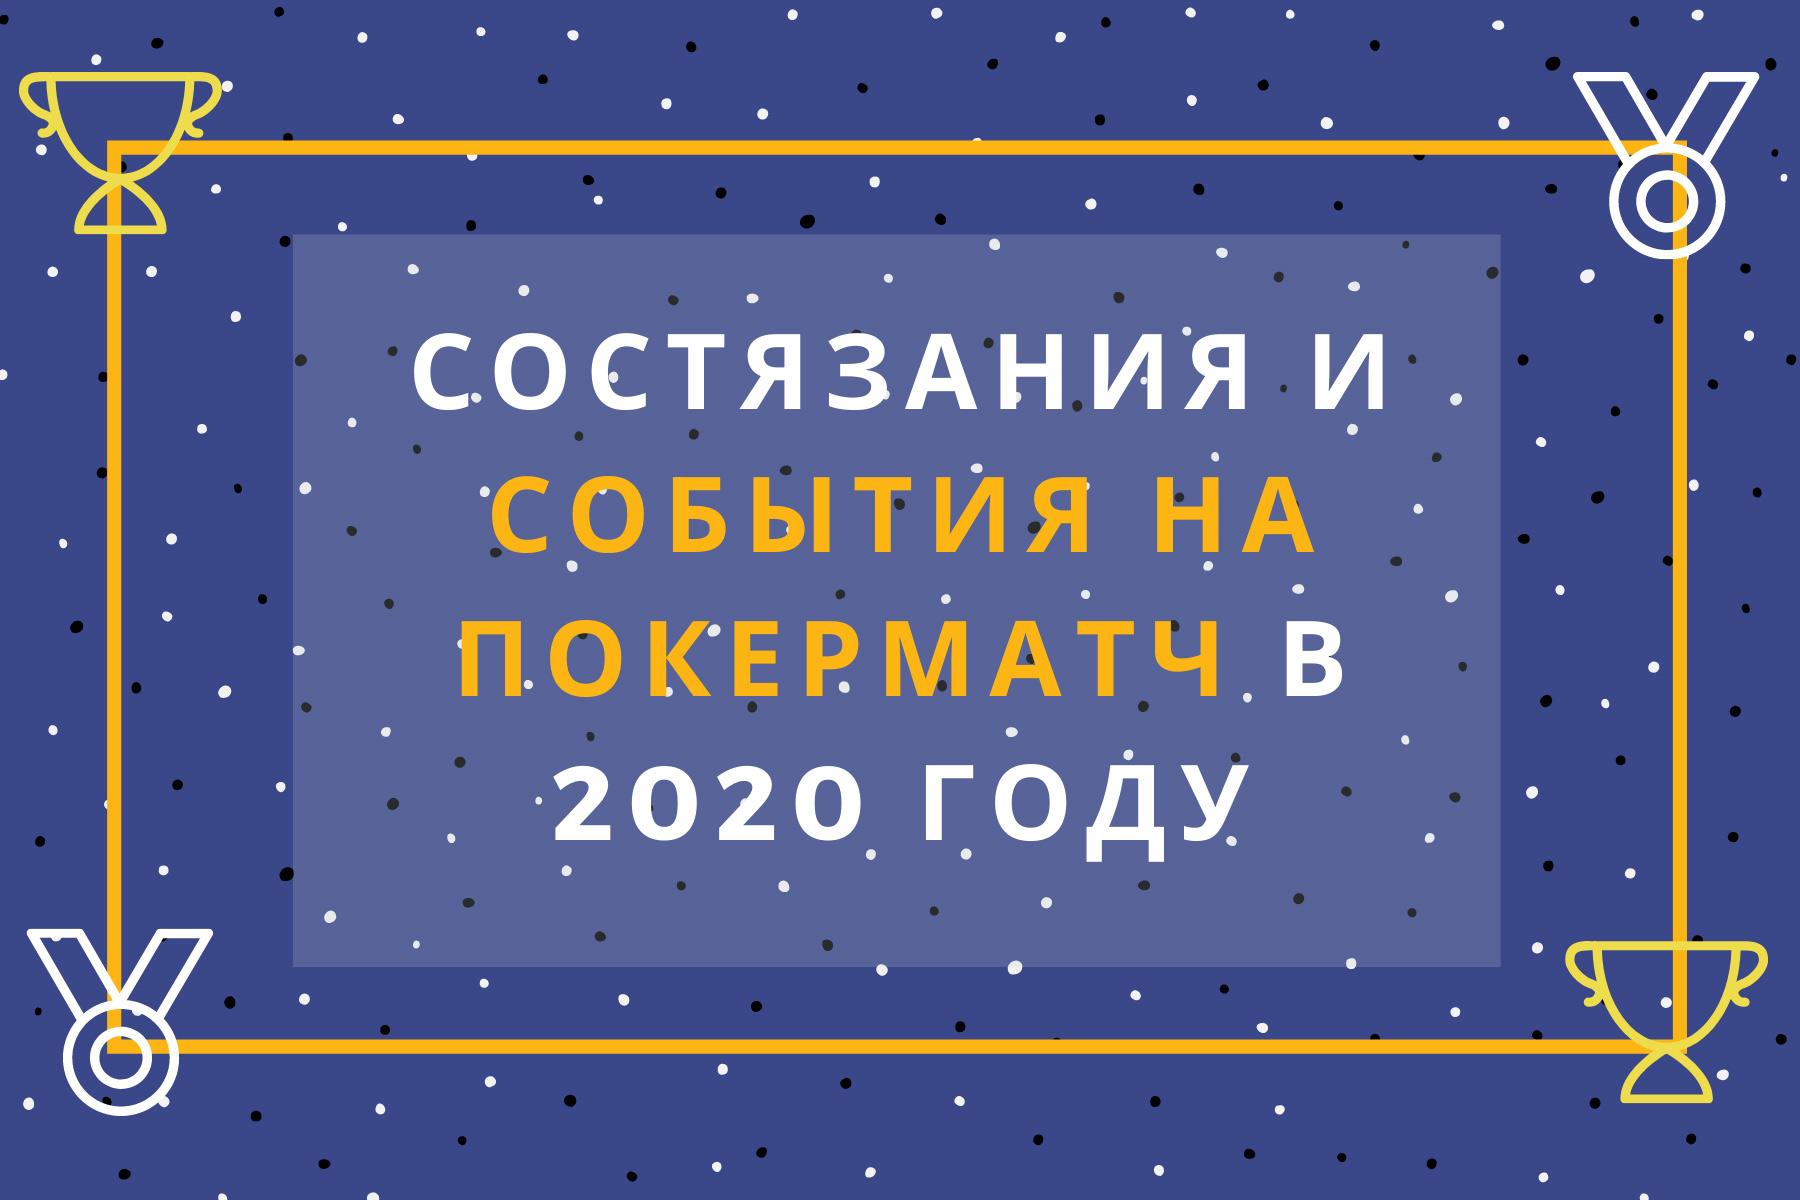 Турниры в руме PokerMatch в 2020 году.